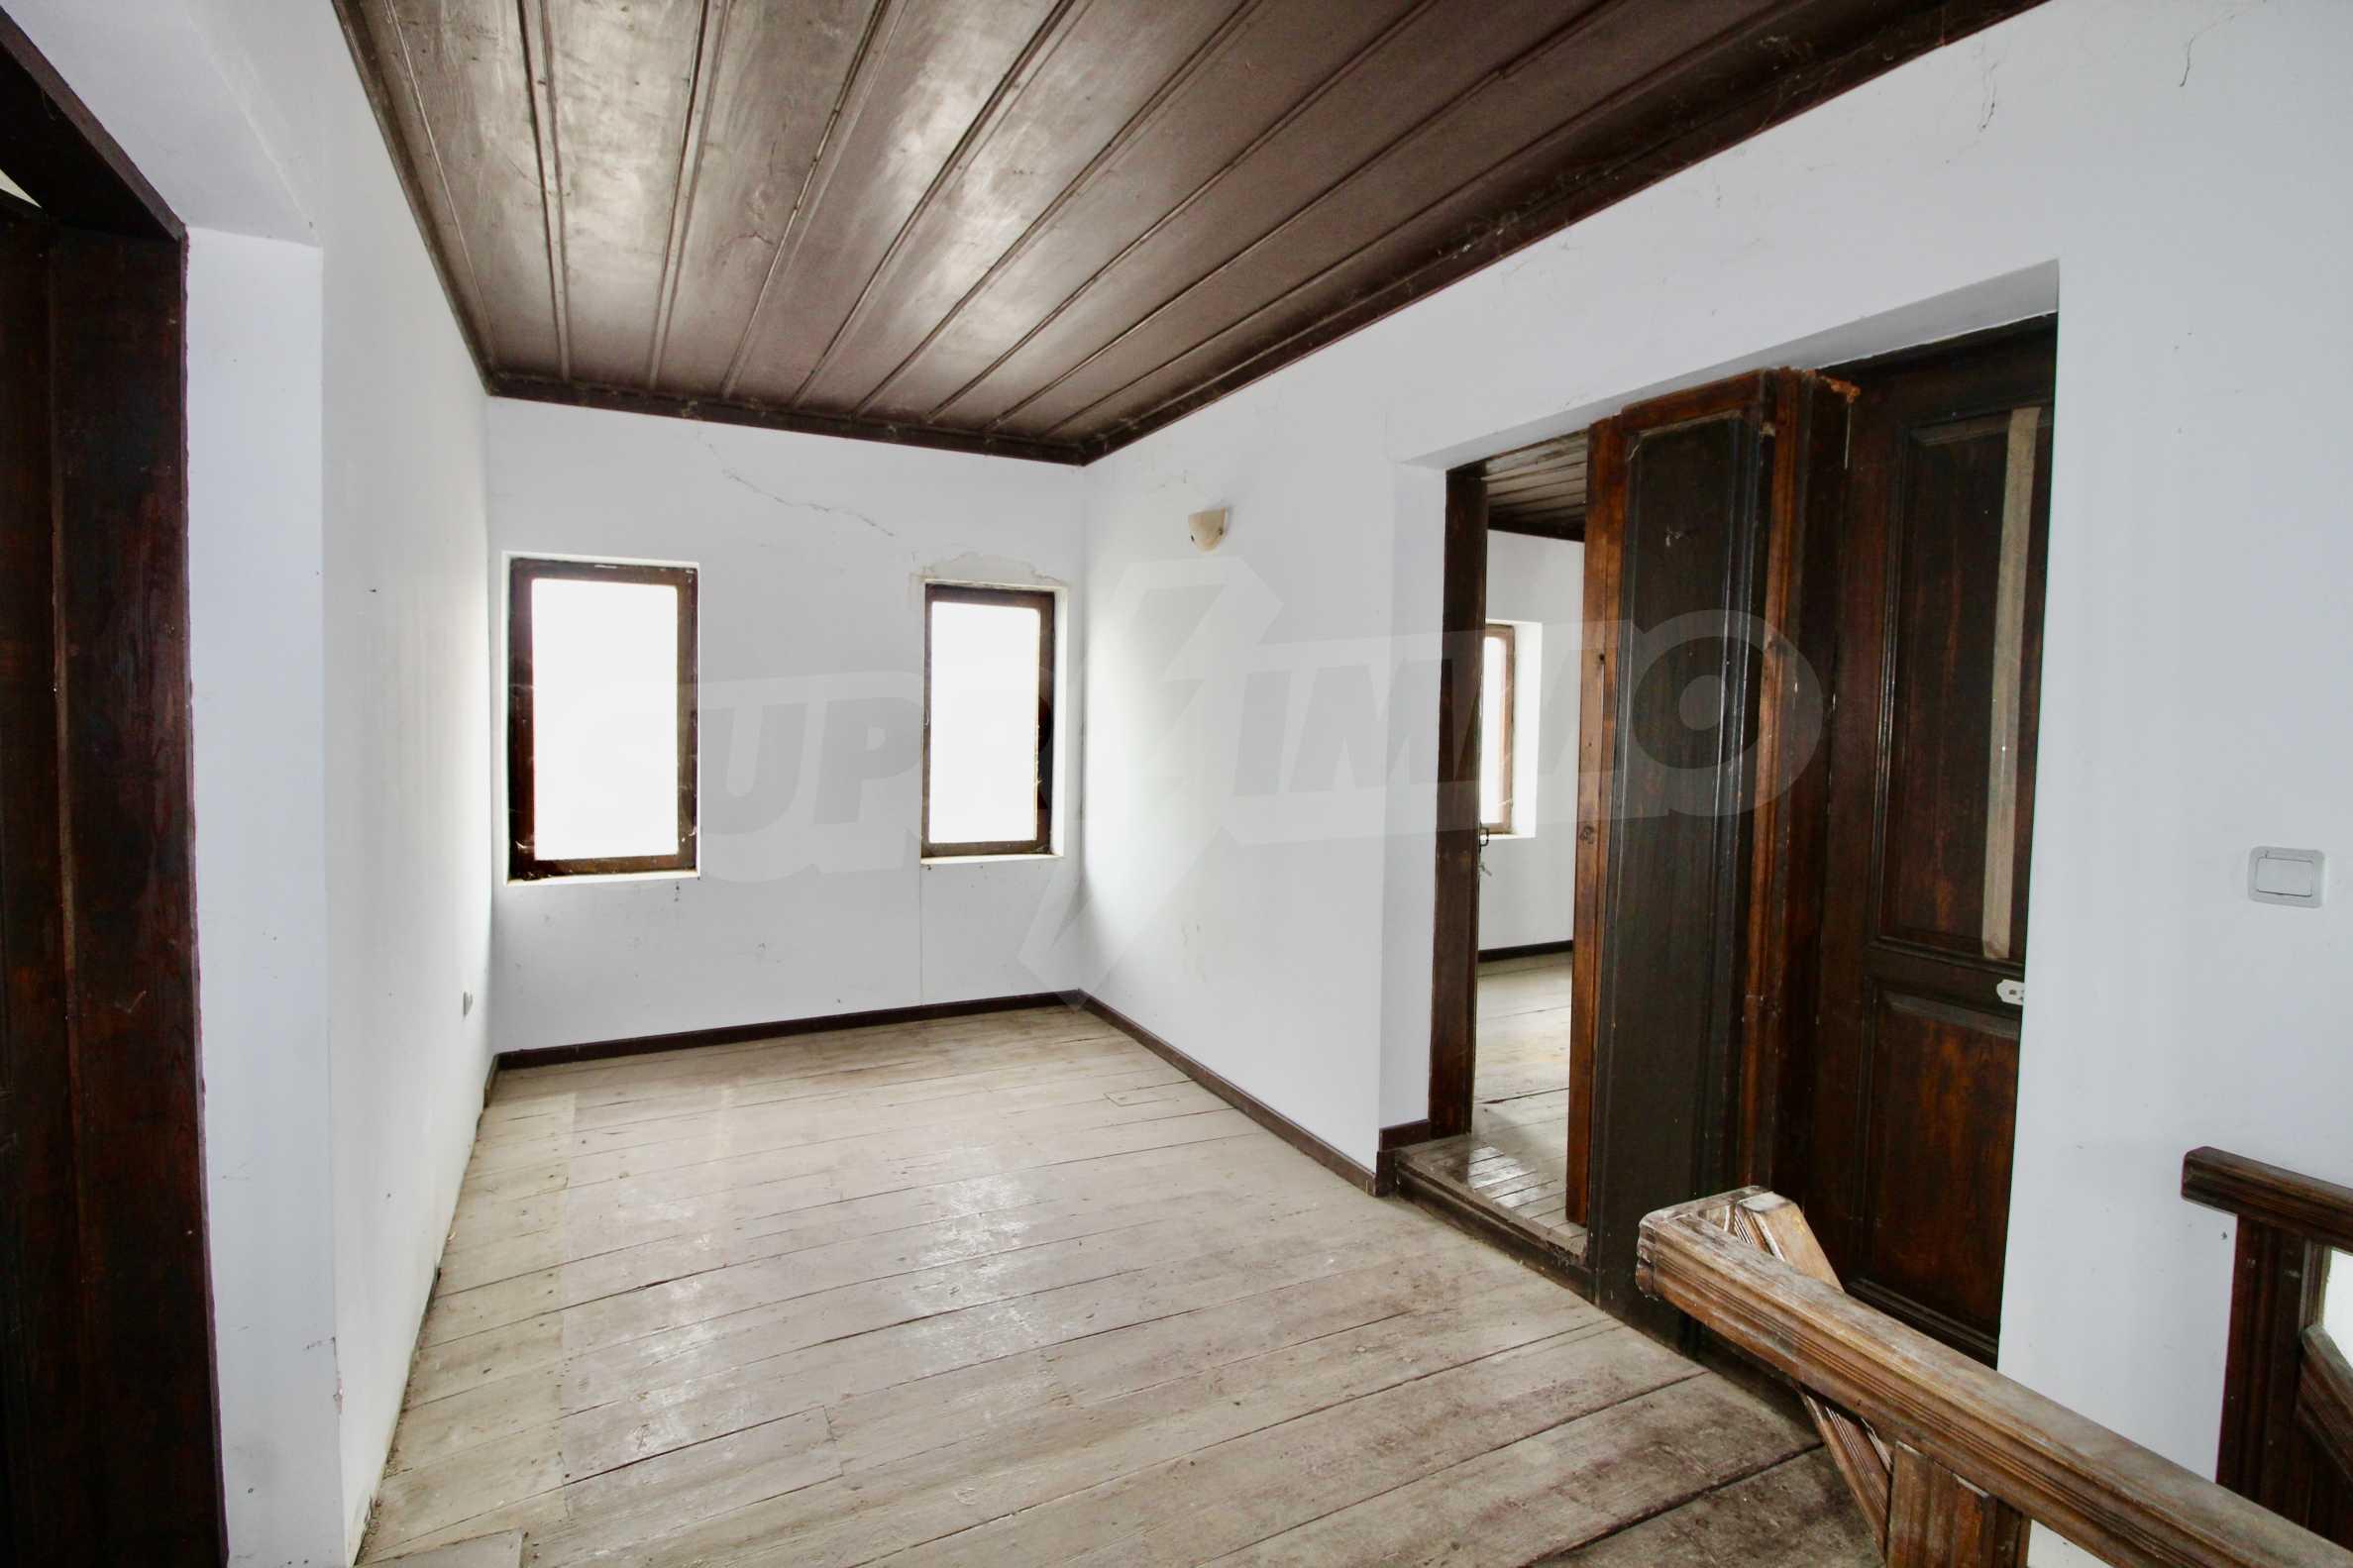 Двуетажна къща с голпм двор в село на 30 км от Велико Търново  6